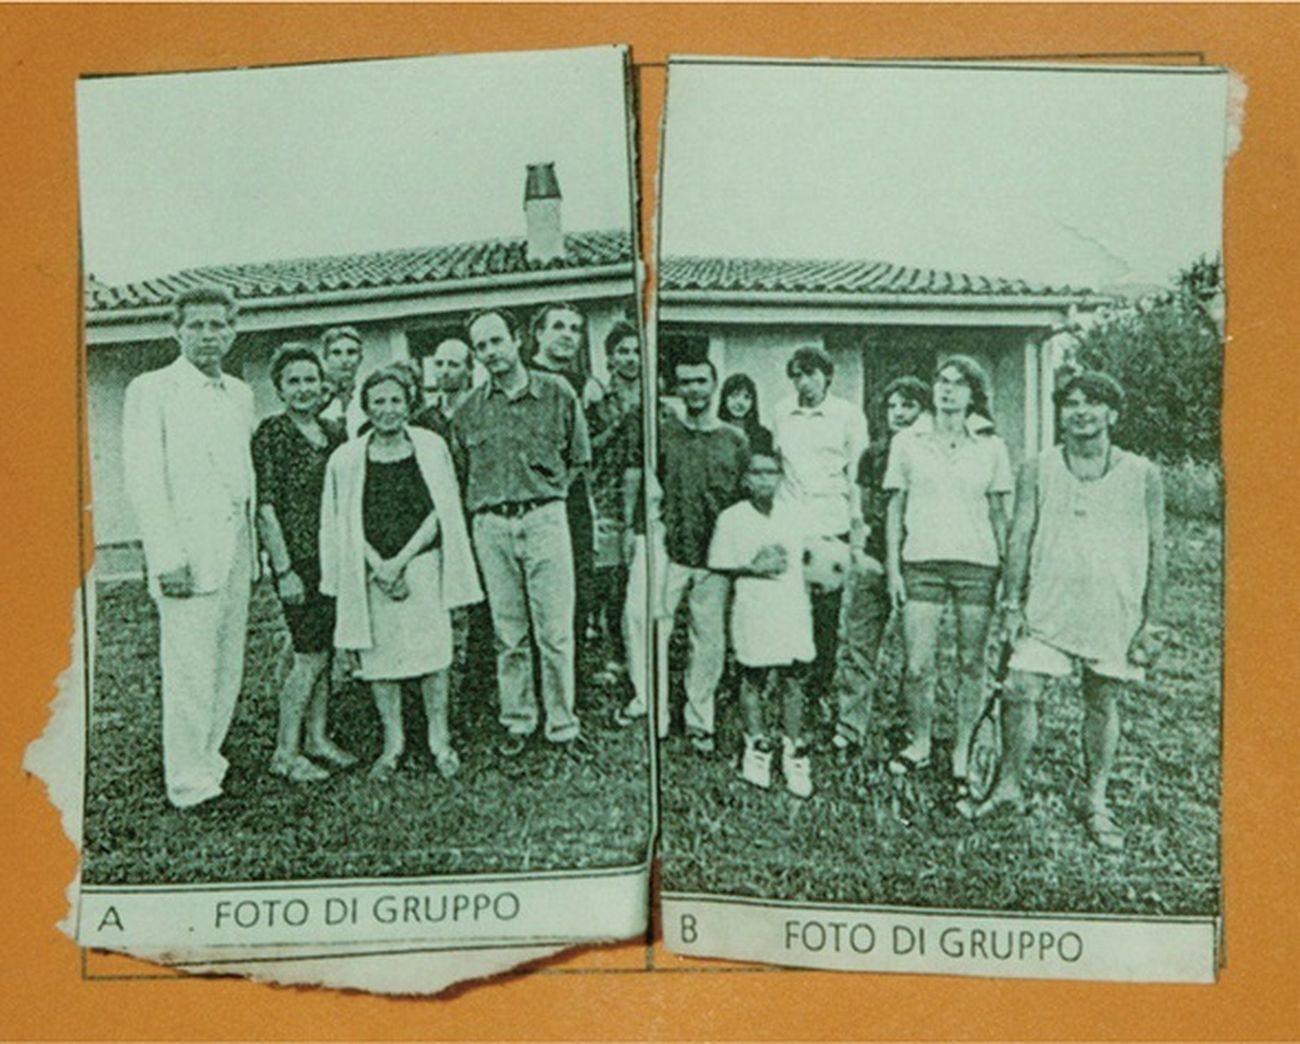 Pino Boresta, Foto gruppo Oreste Zero, 1997